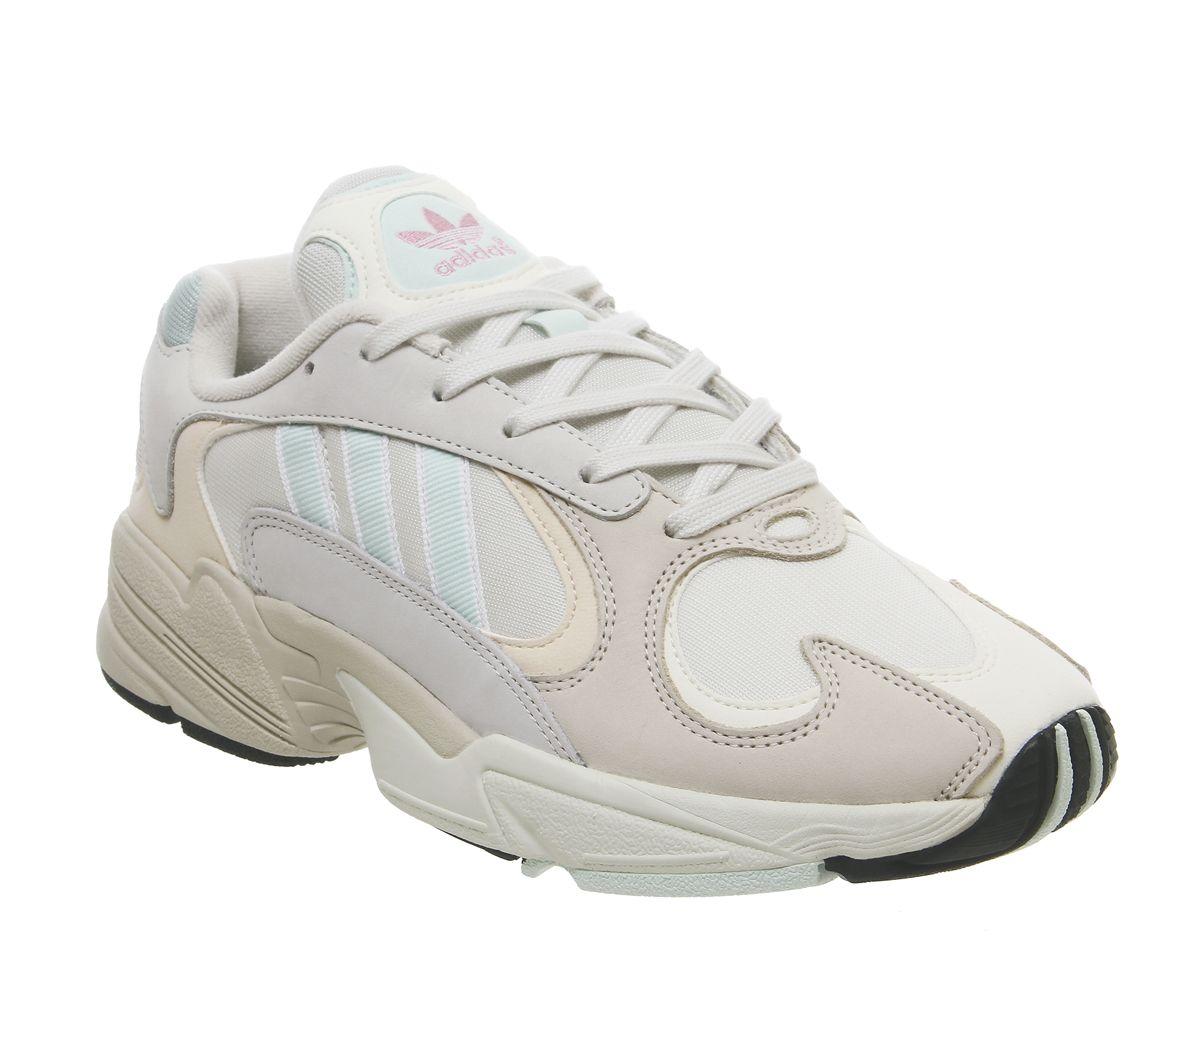 Details zu Herren adidas Yung 1 Turnschuhe über Weiß Eis Neuwertig Ecru Getönt Turnschuhe